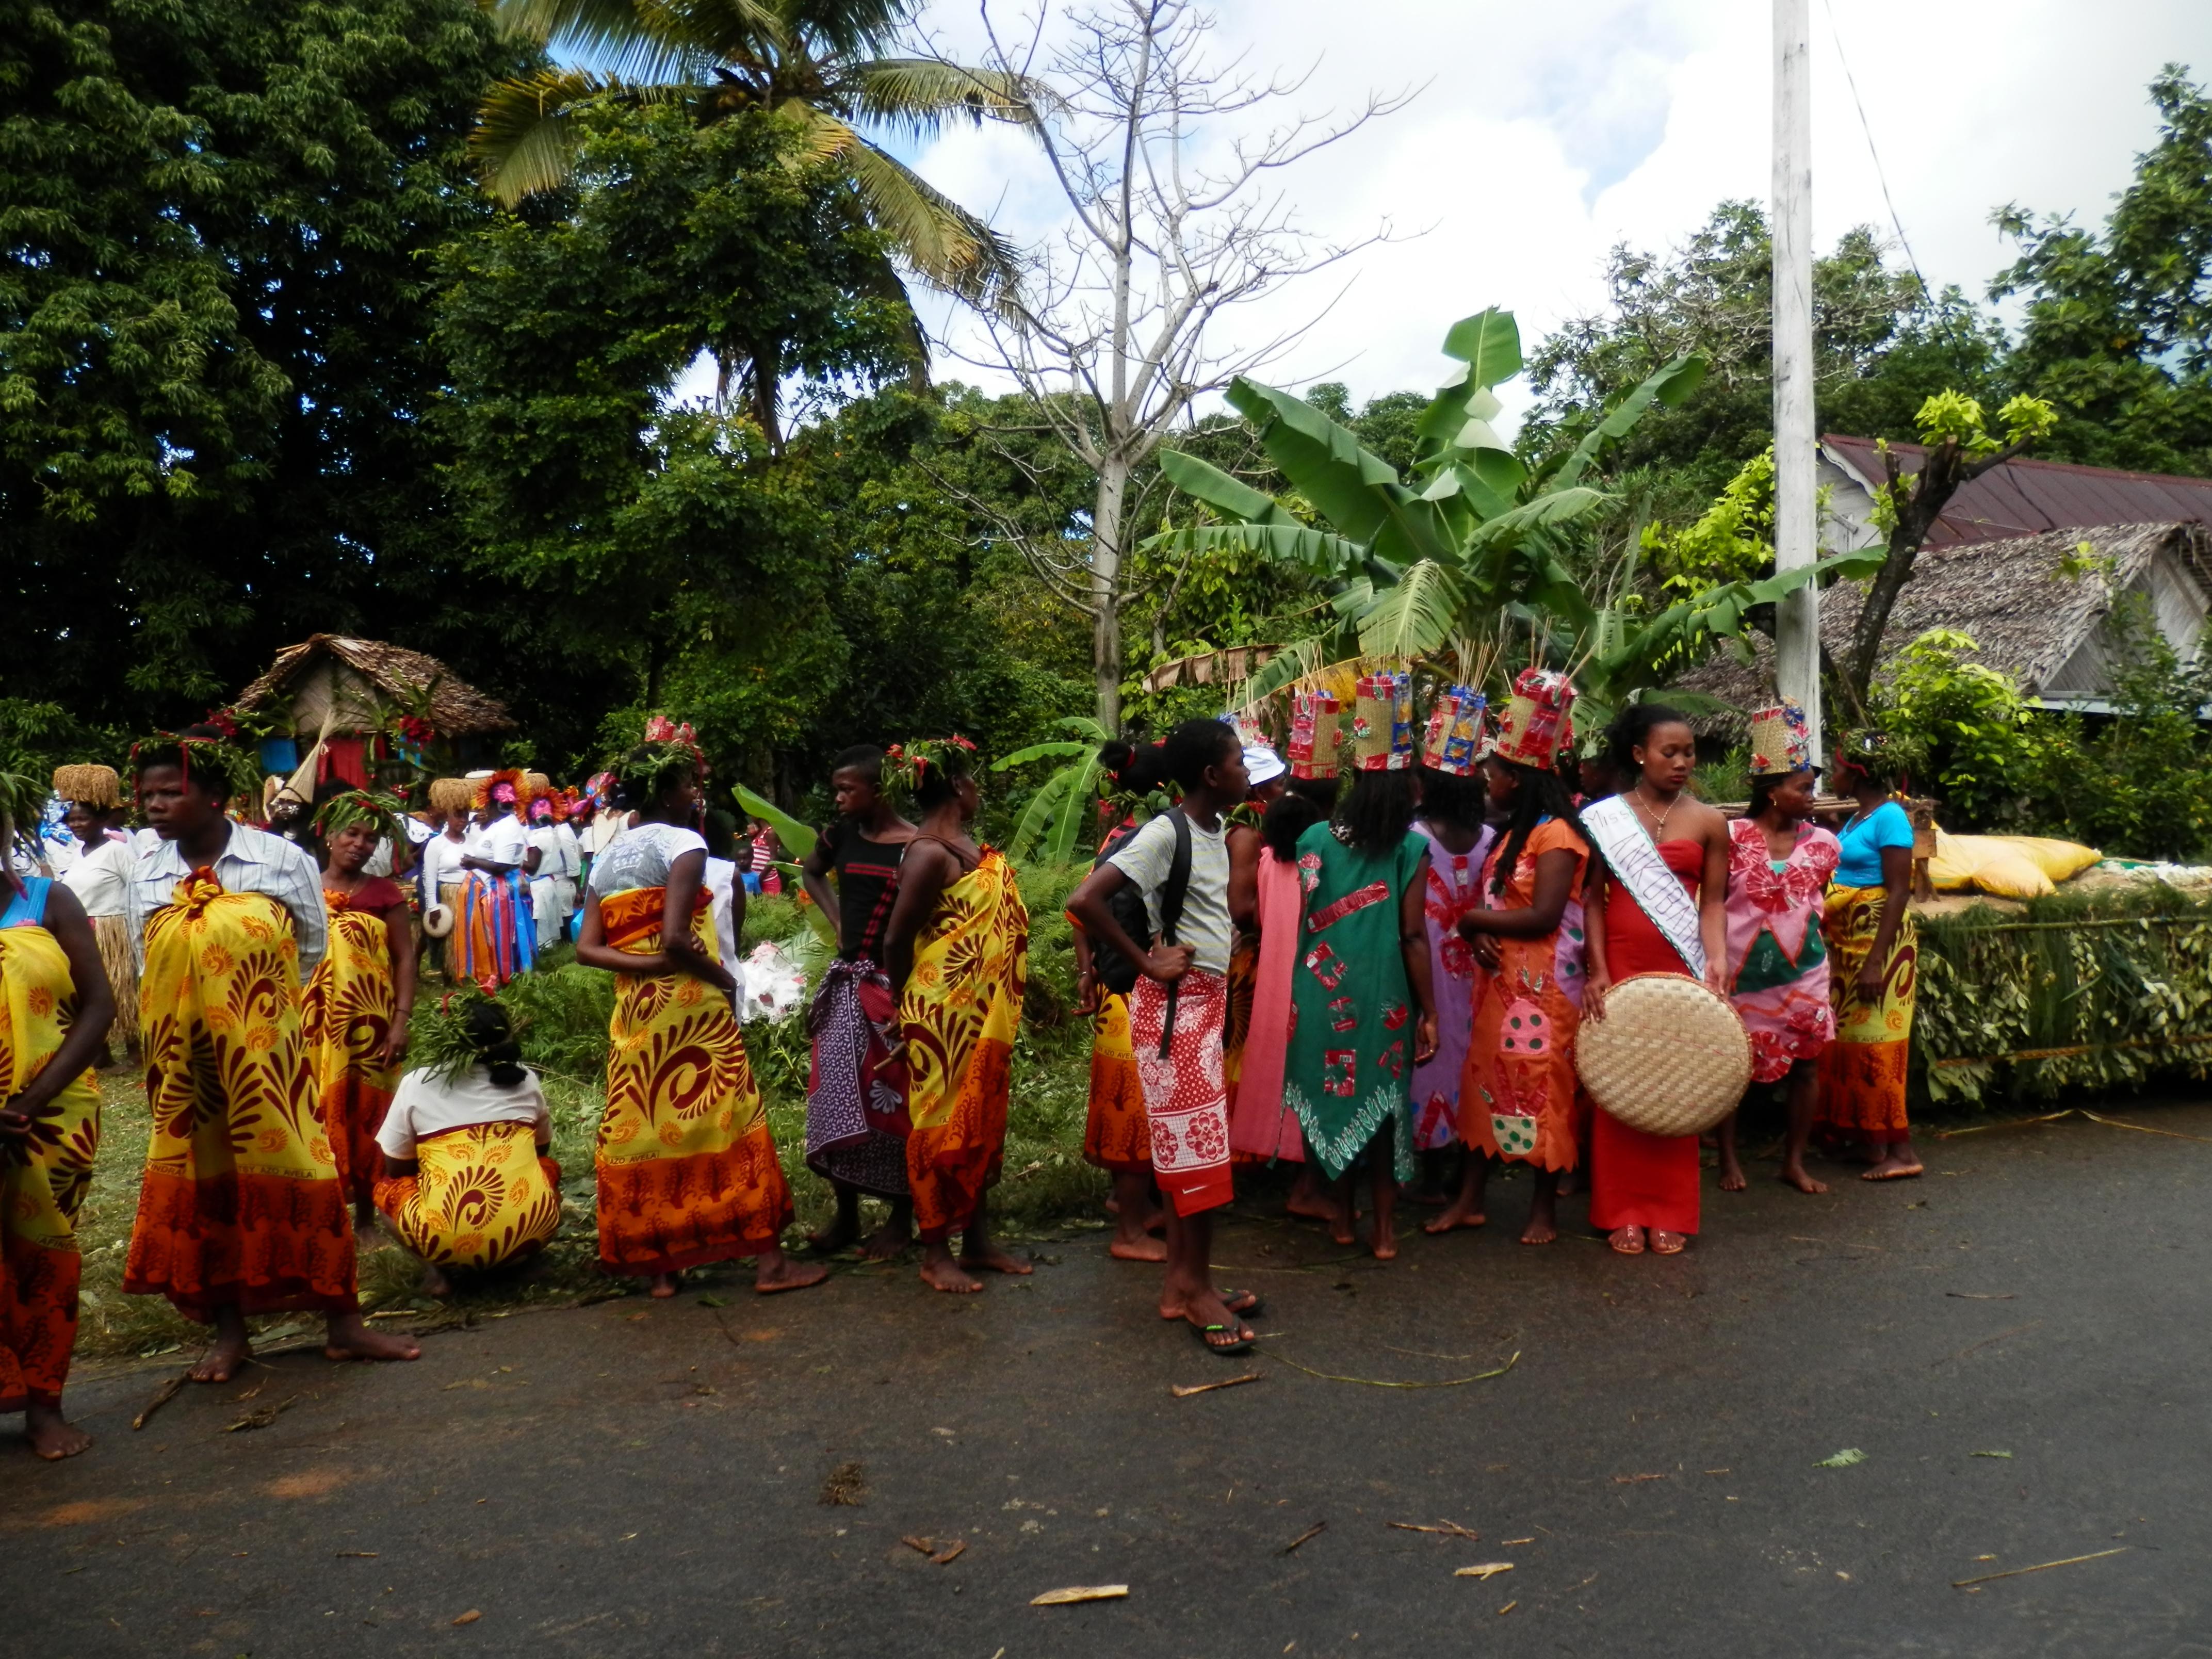 Velrybí karneval